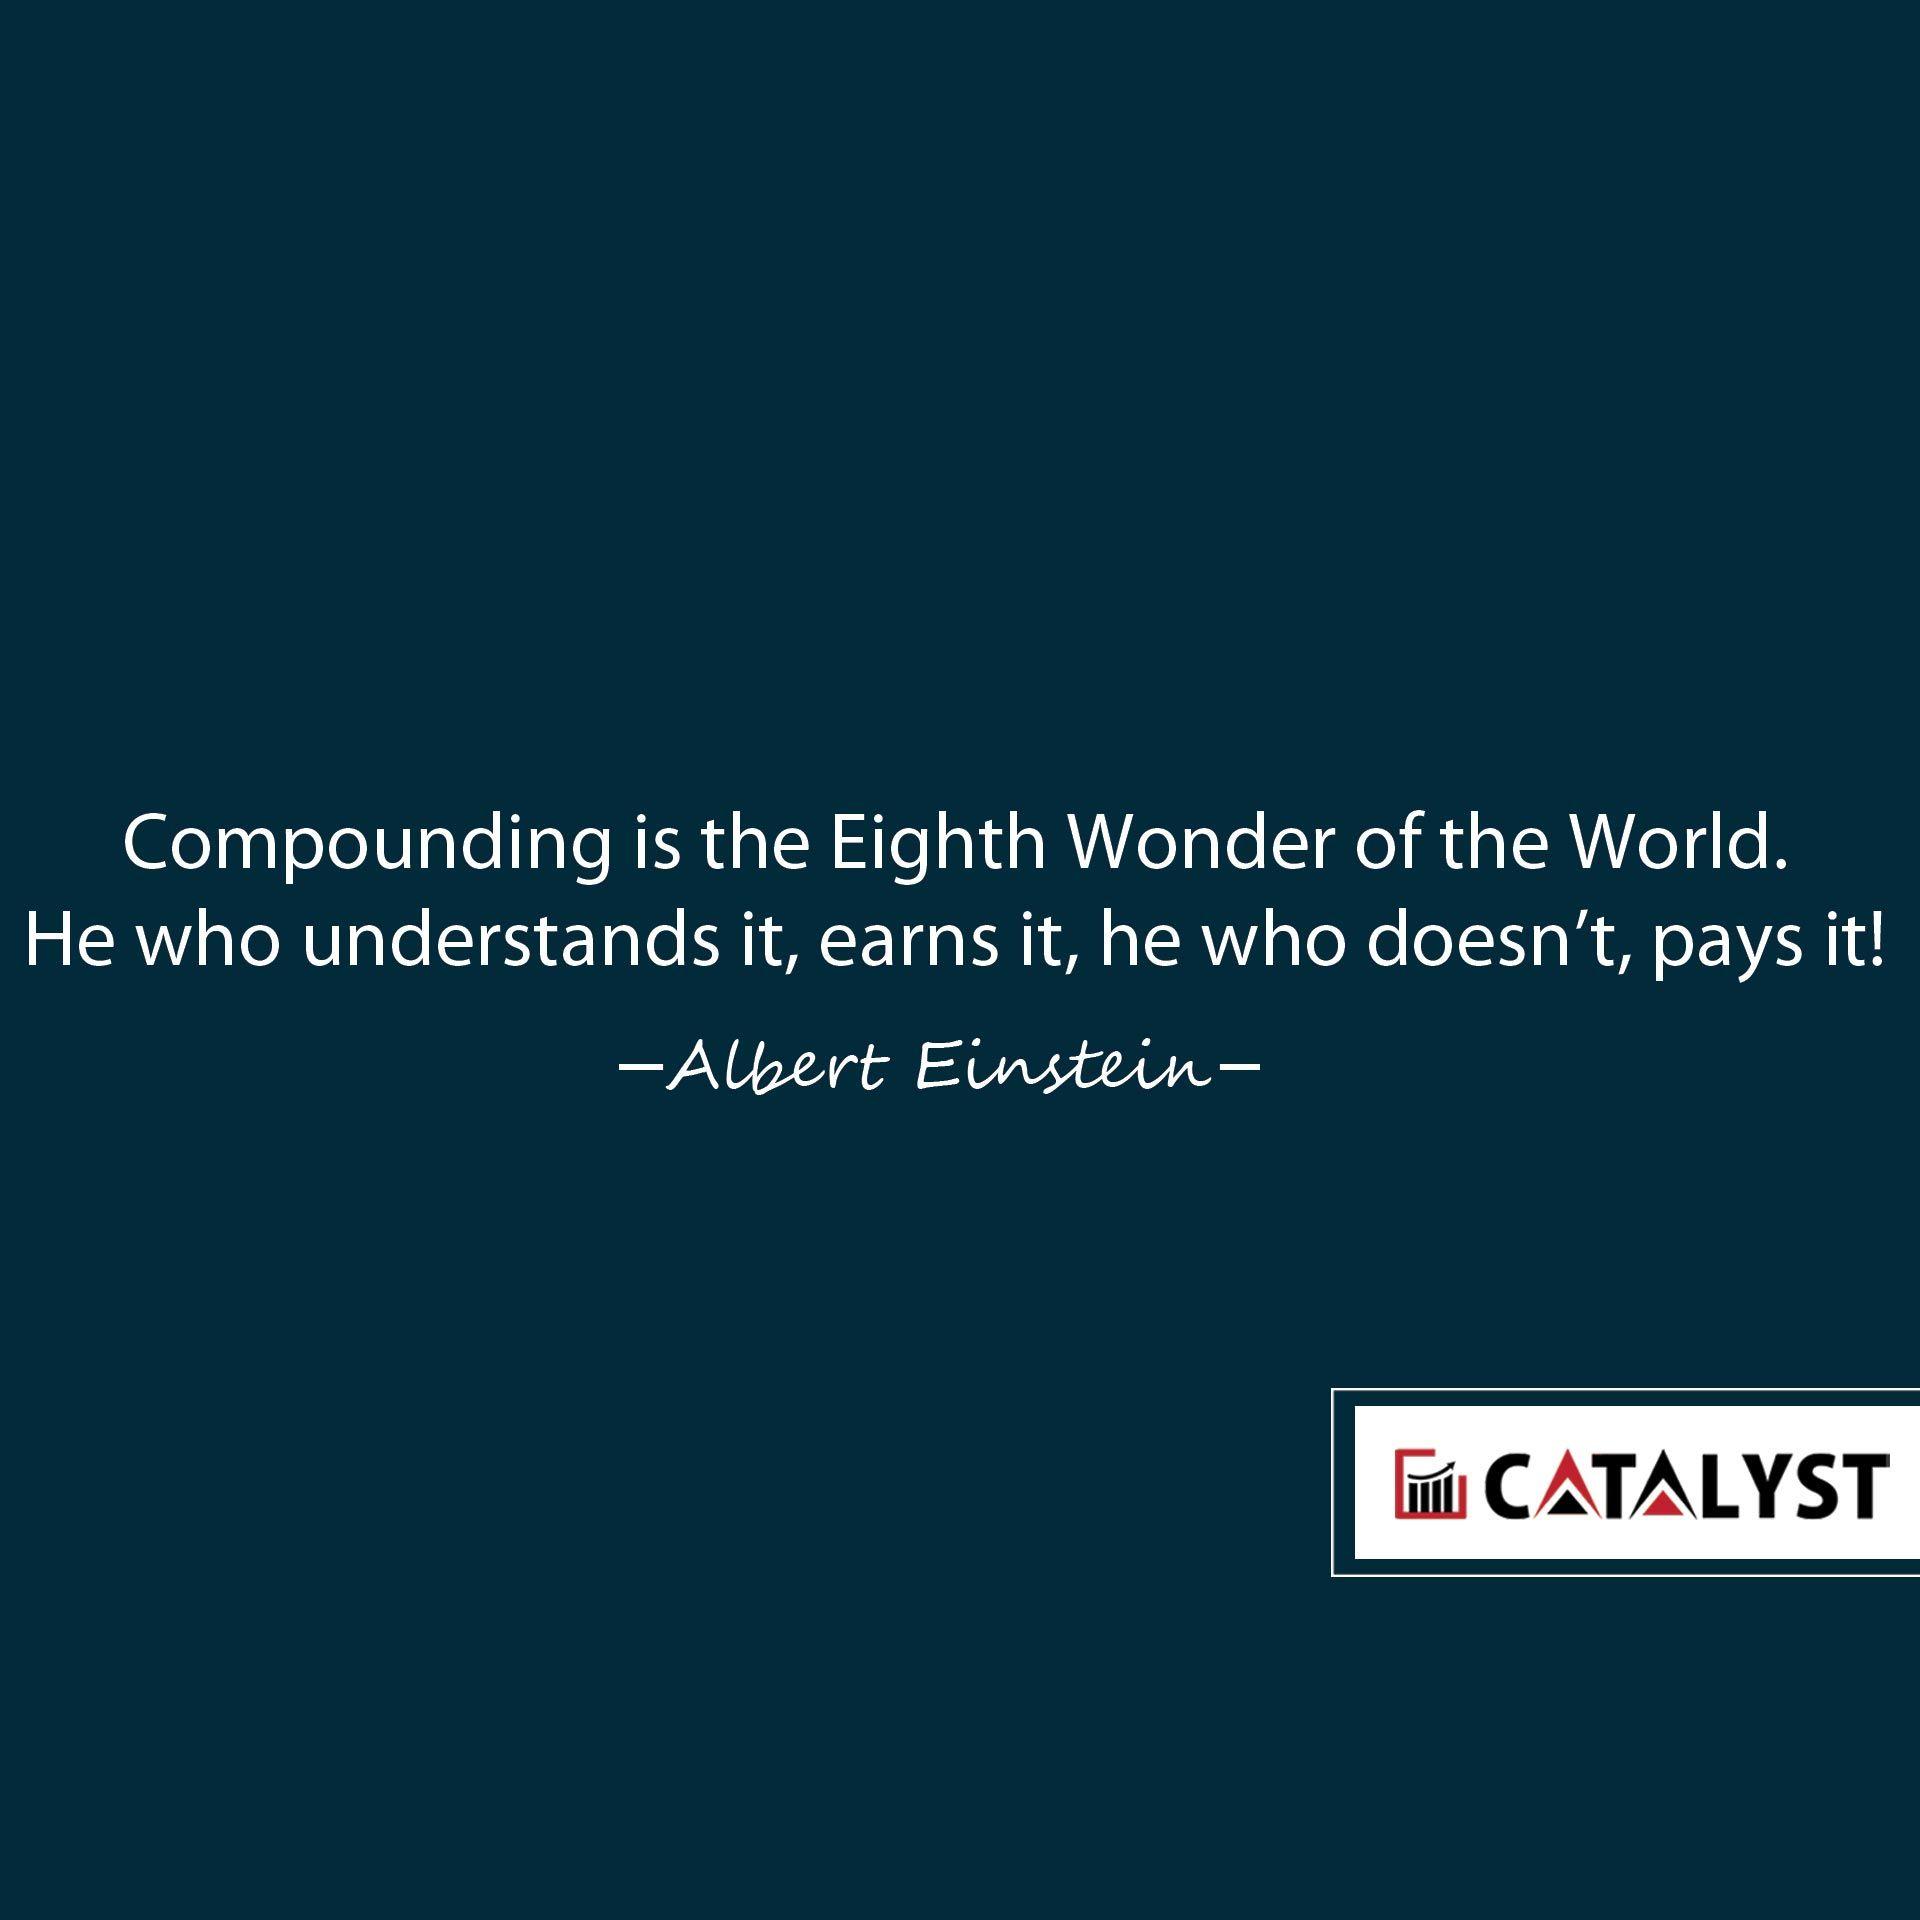 Albert Einstein Compounding Is The Eighth Wonder Of The World